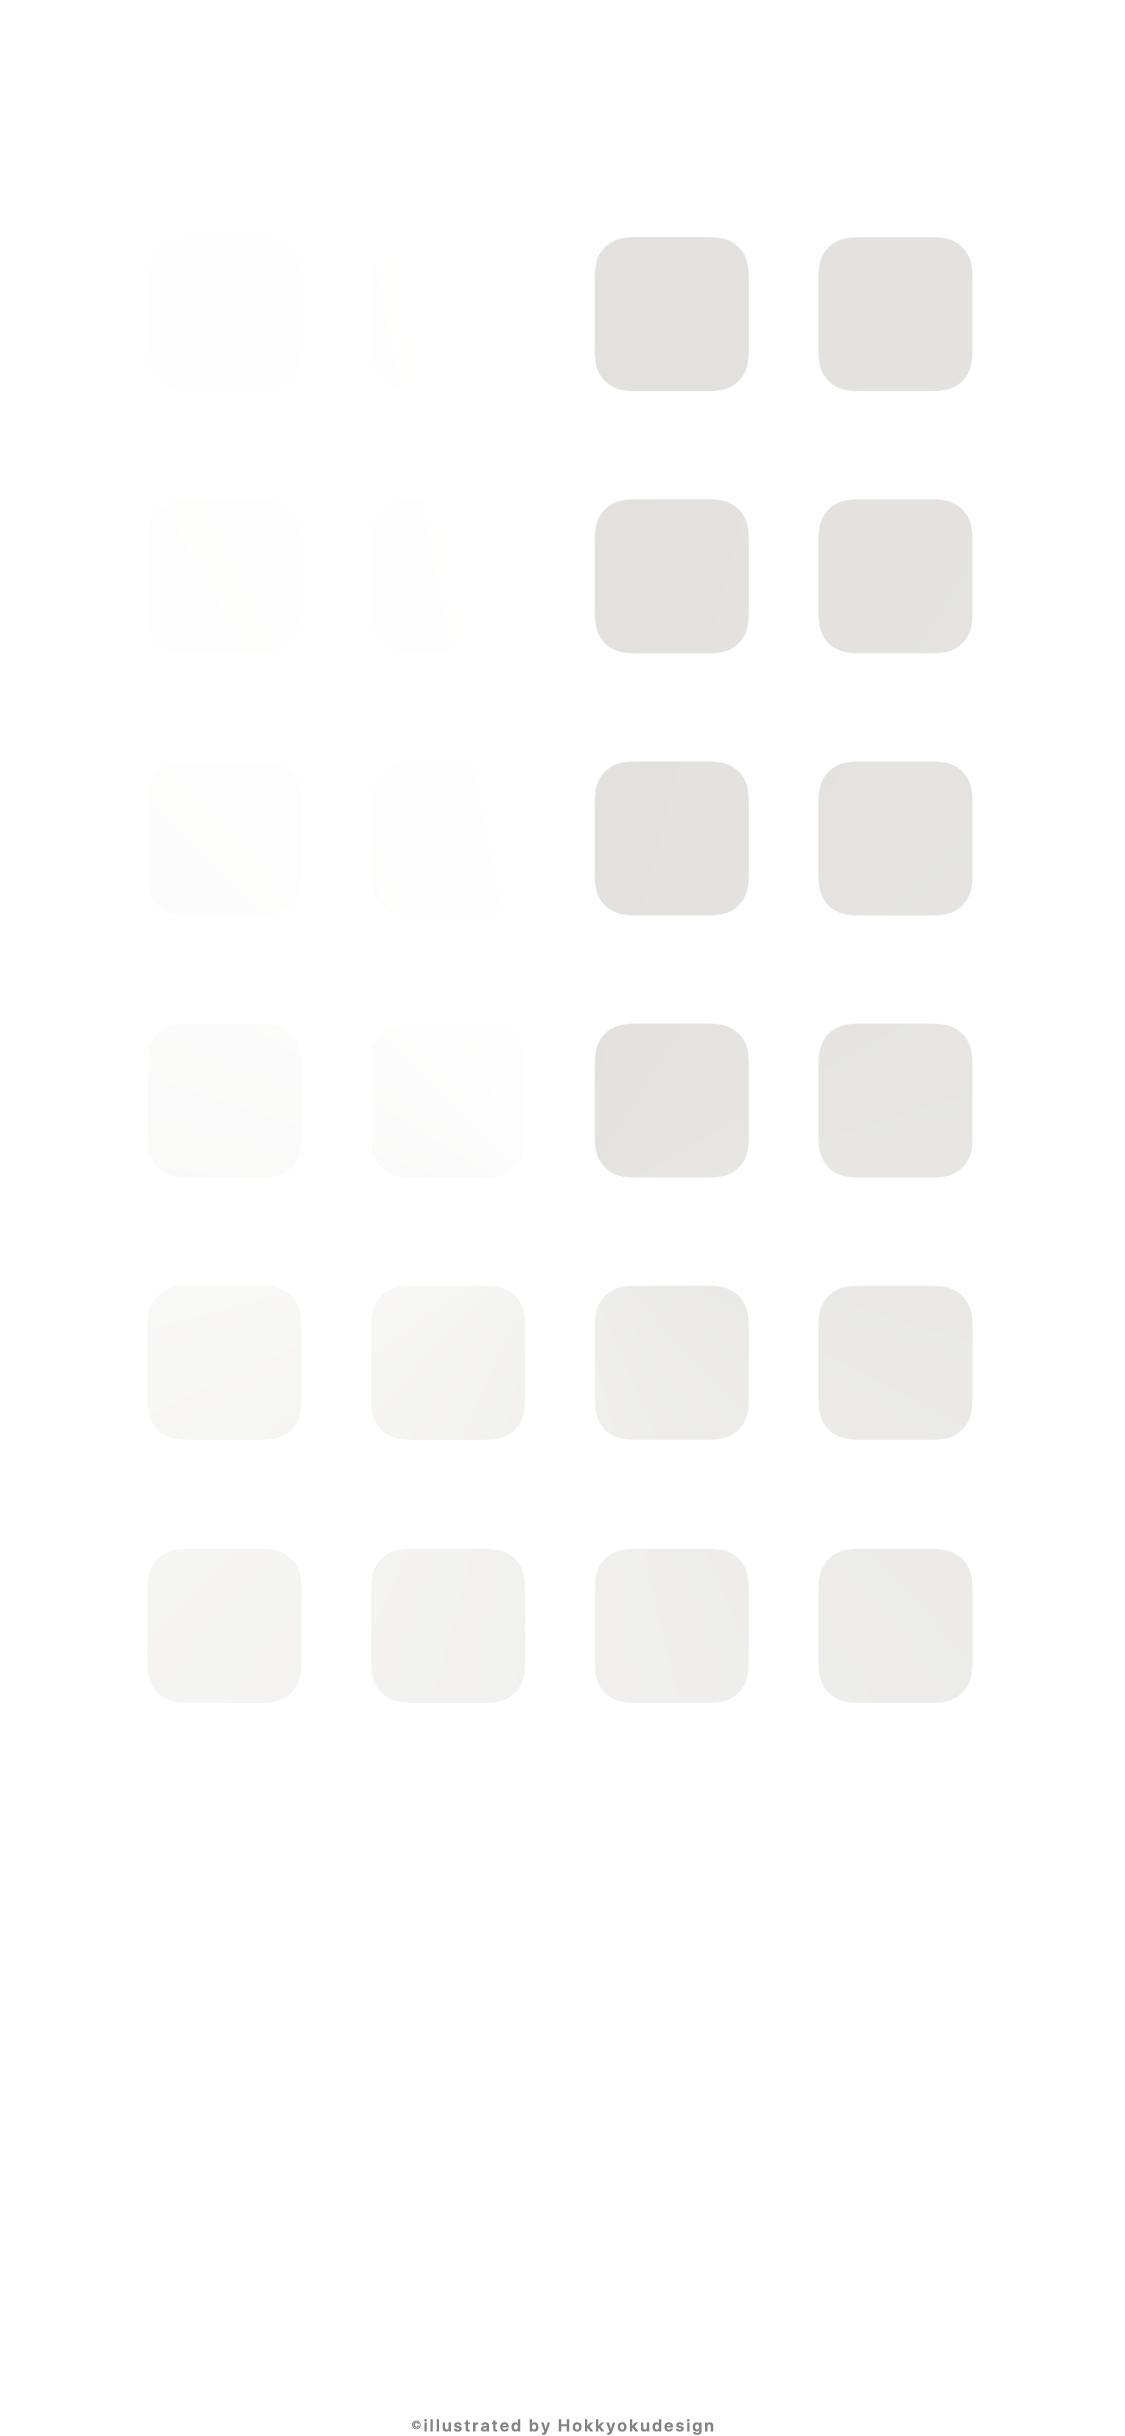 Iphone X壁紙 8 白地に渋いいぶし銀